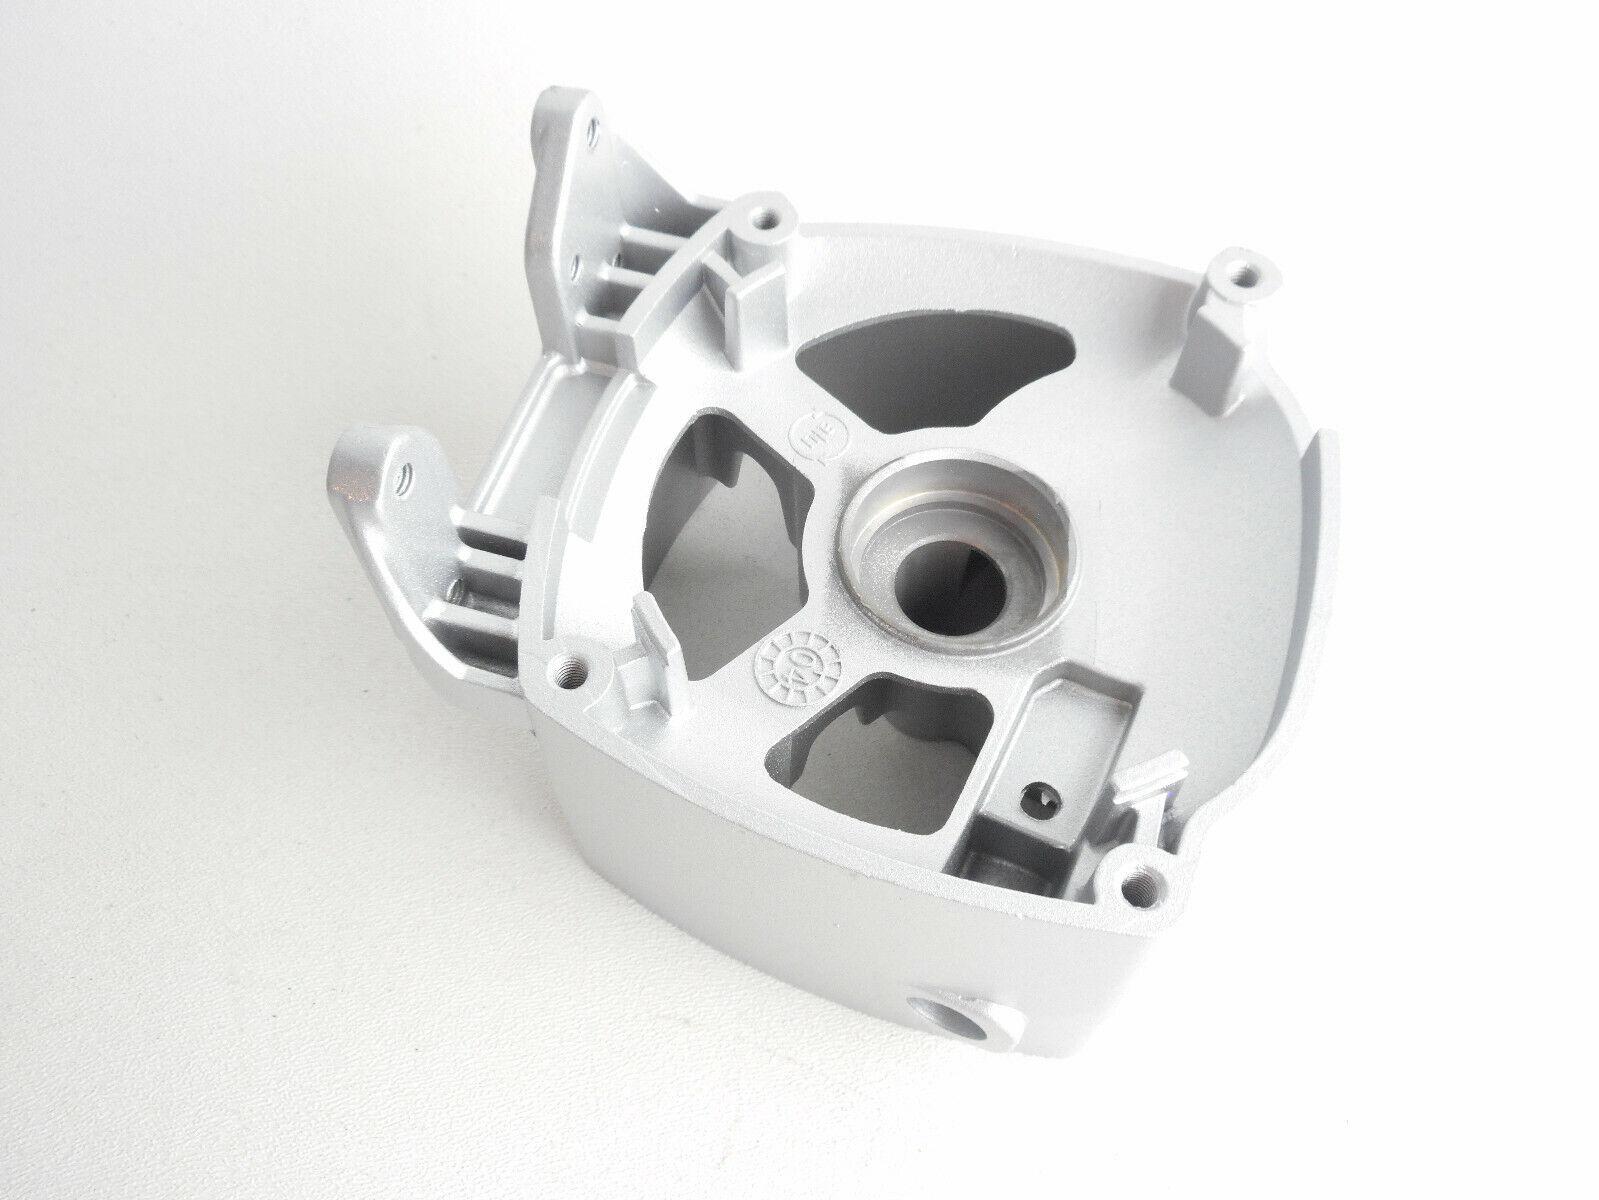 Nuevo Genuino Original Equipment Manufacturer Bosch 2610911474 Caja de engranajes Miter vio Pieza De Repuesto